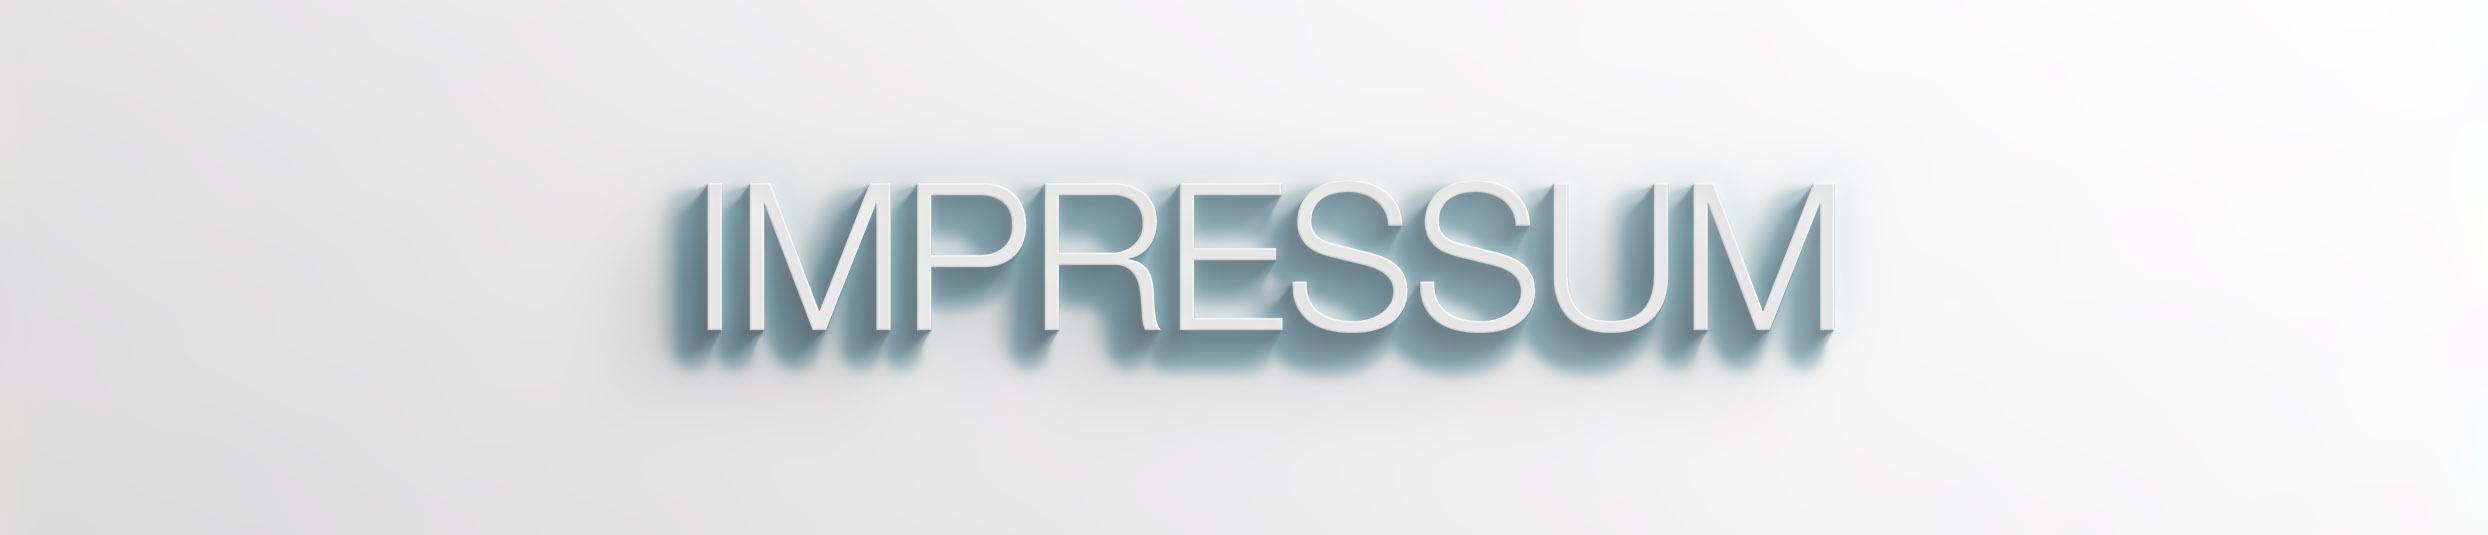 ACHTE_Impressum_3D-Text-Effect